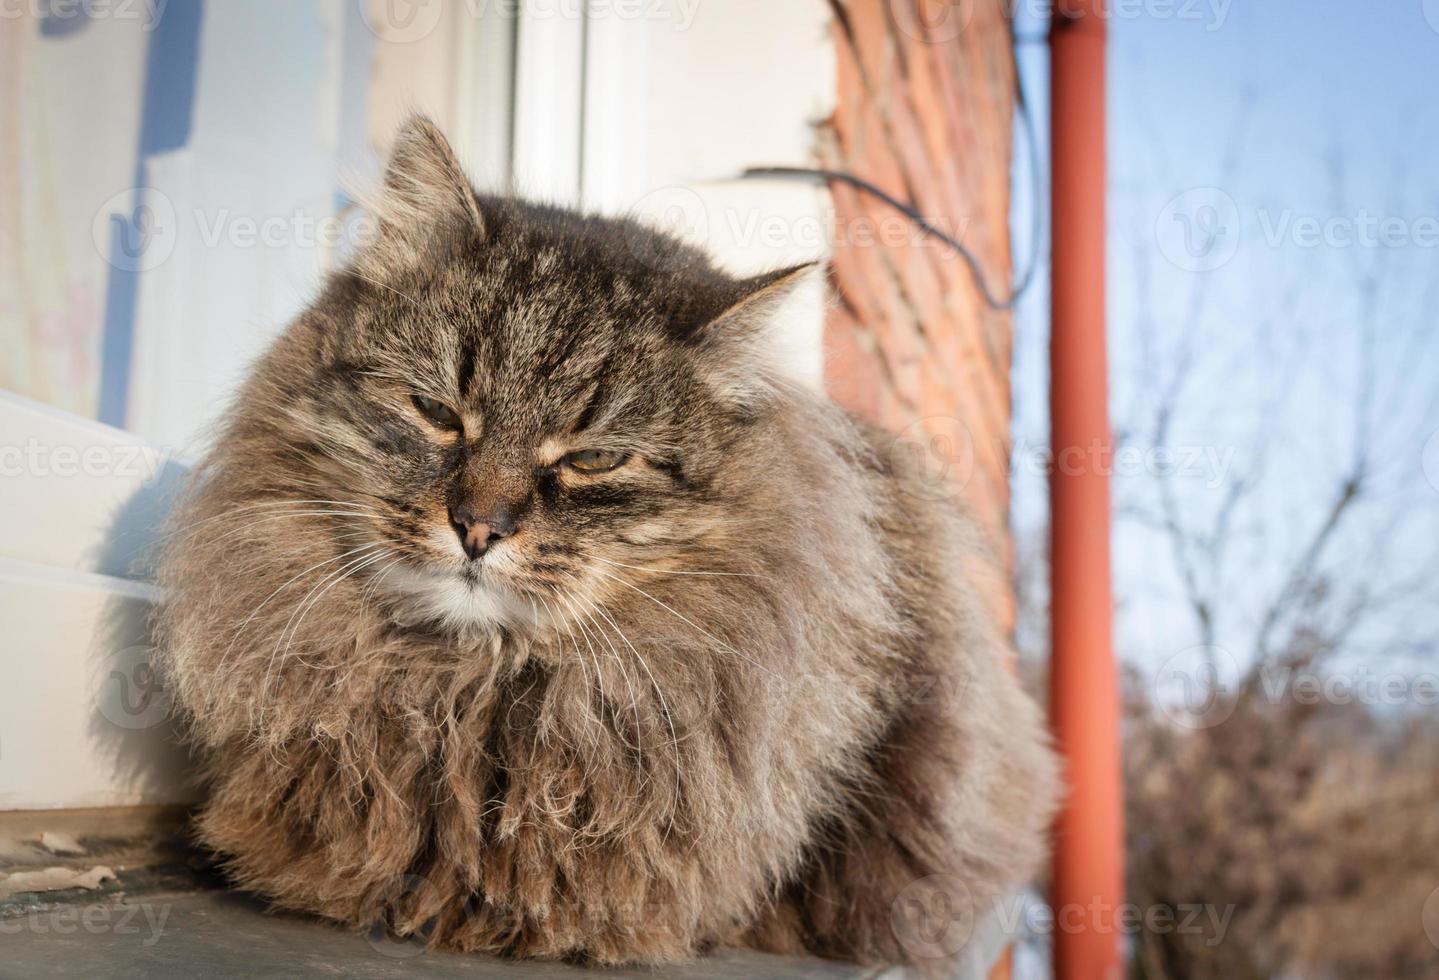 mijn kat foto